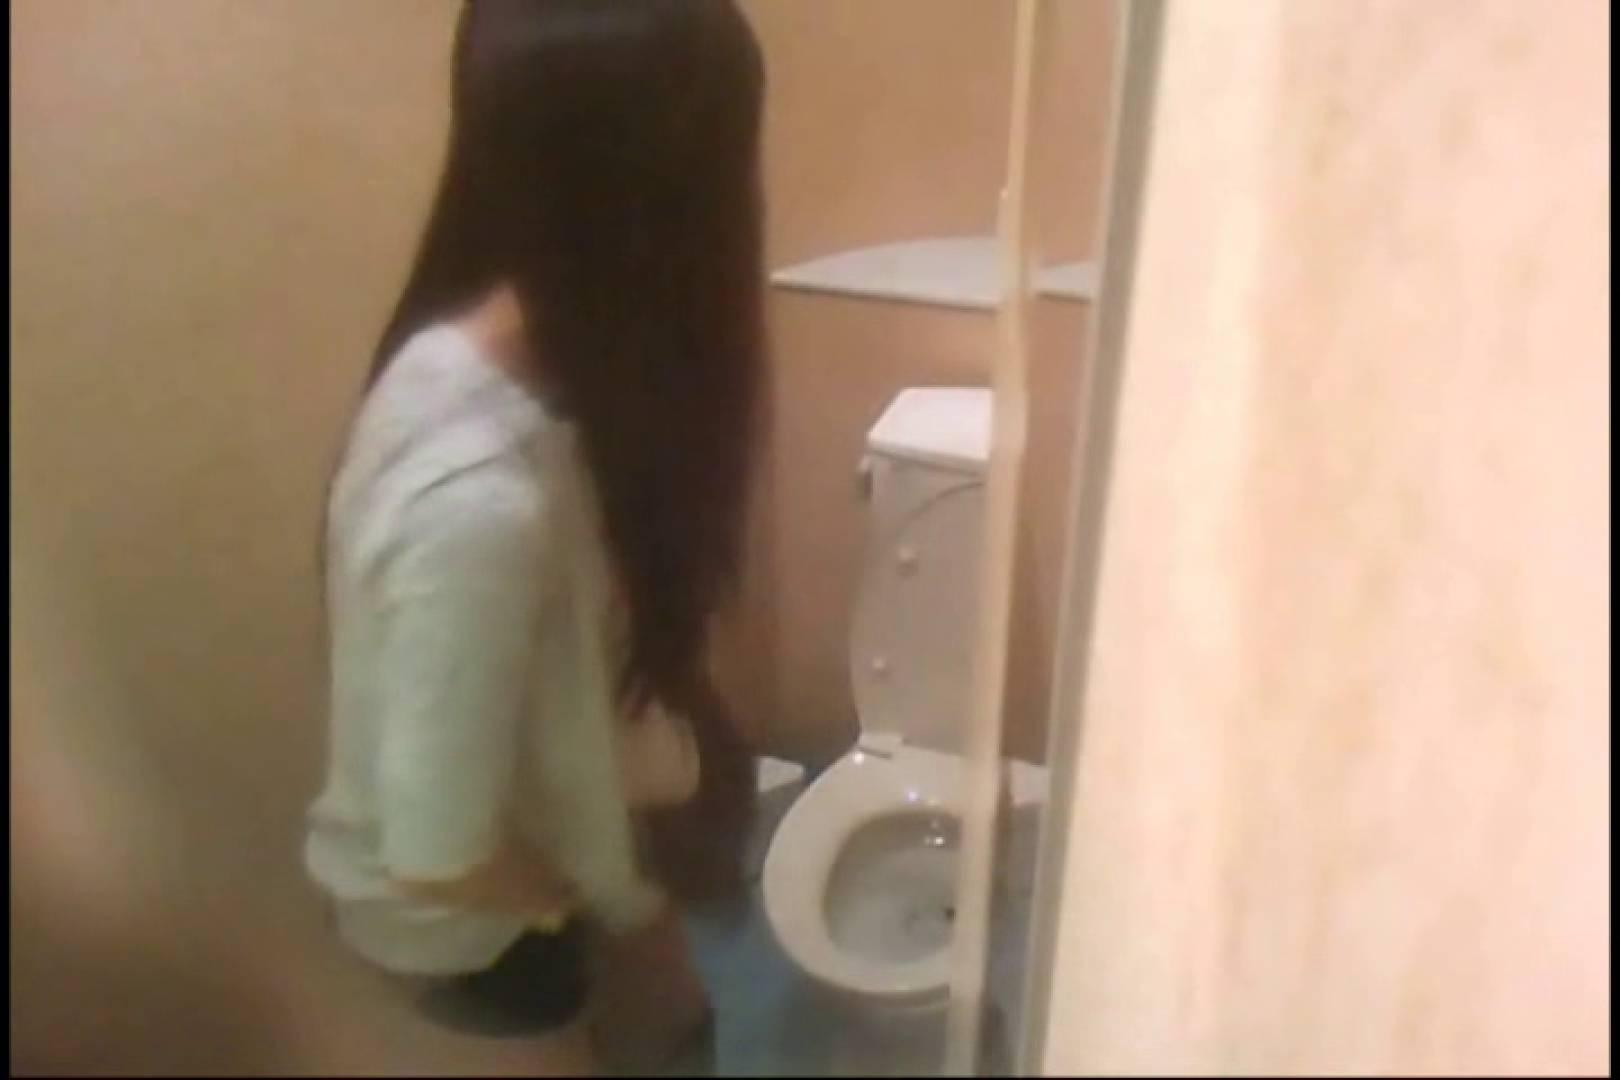 画質向上!新亀さん厠 vol.56 潜入 盗撮セックス無修正動画無料 78連発 2